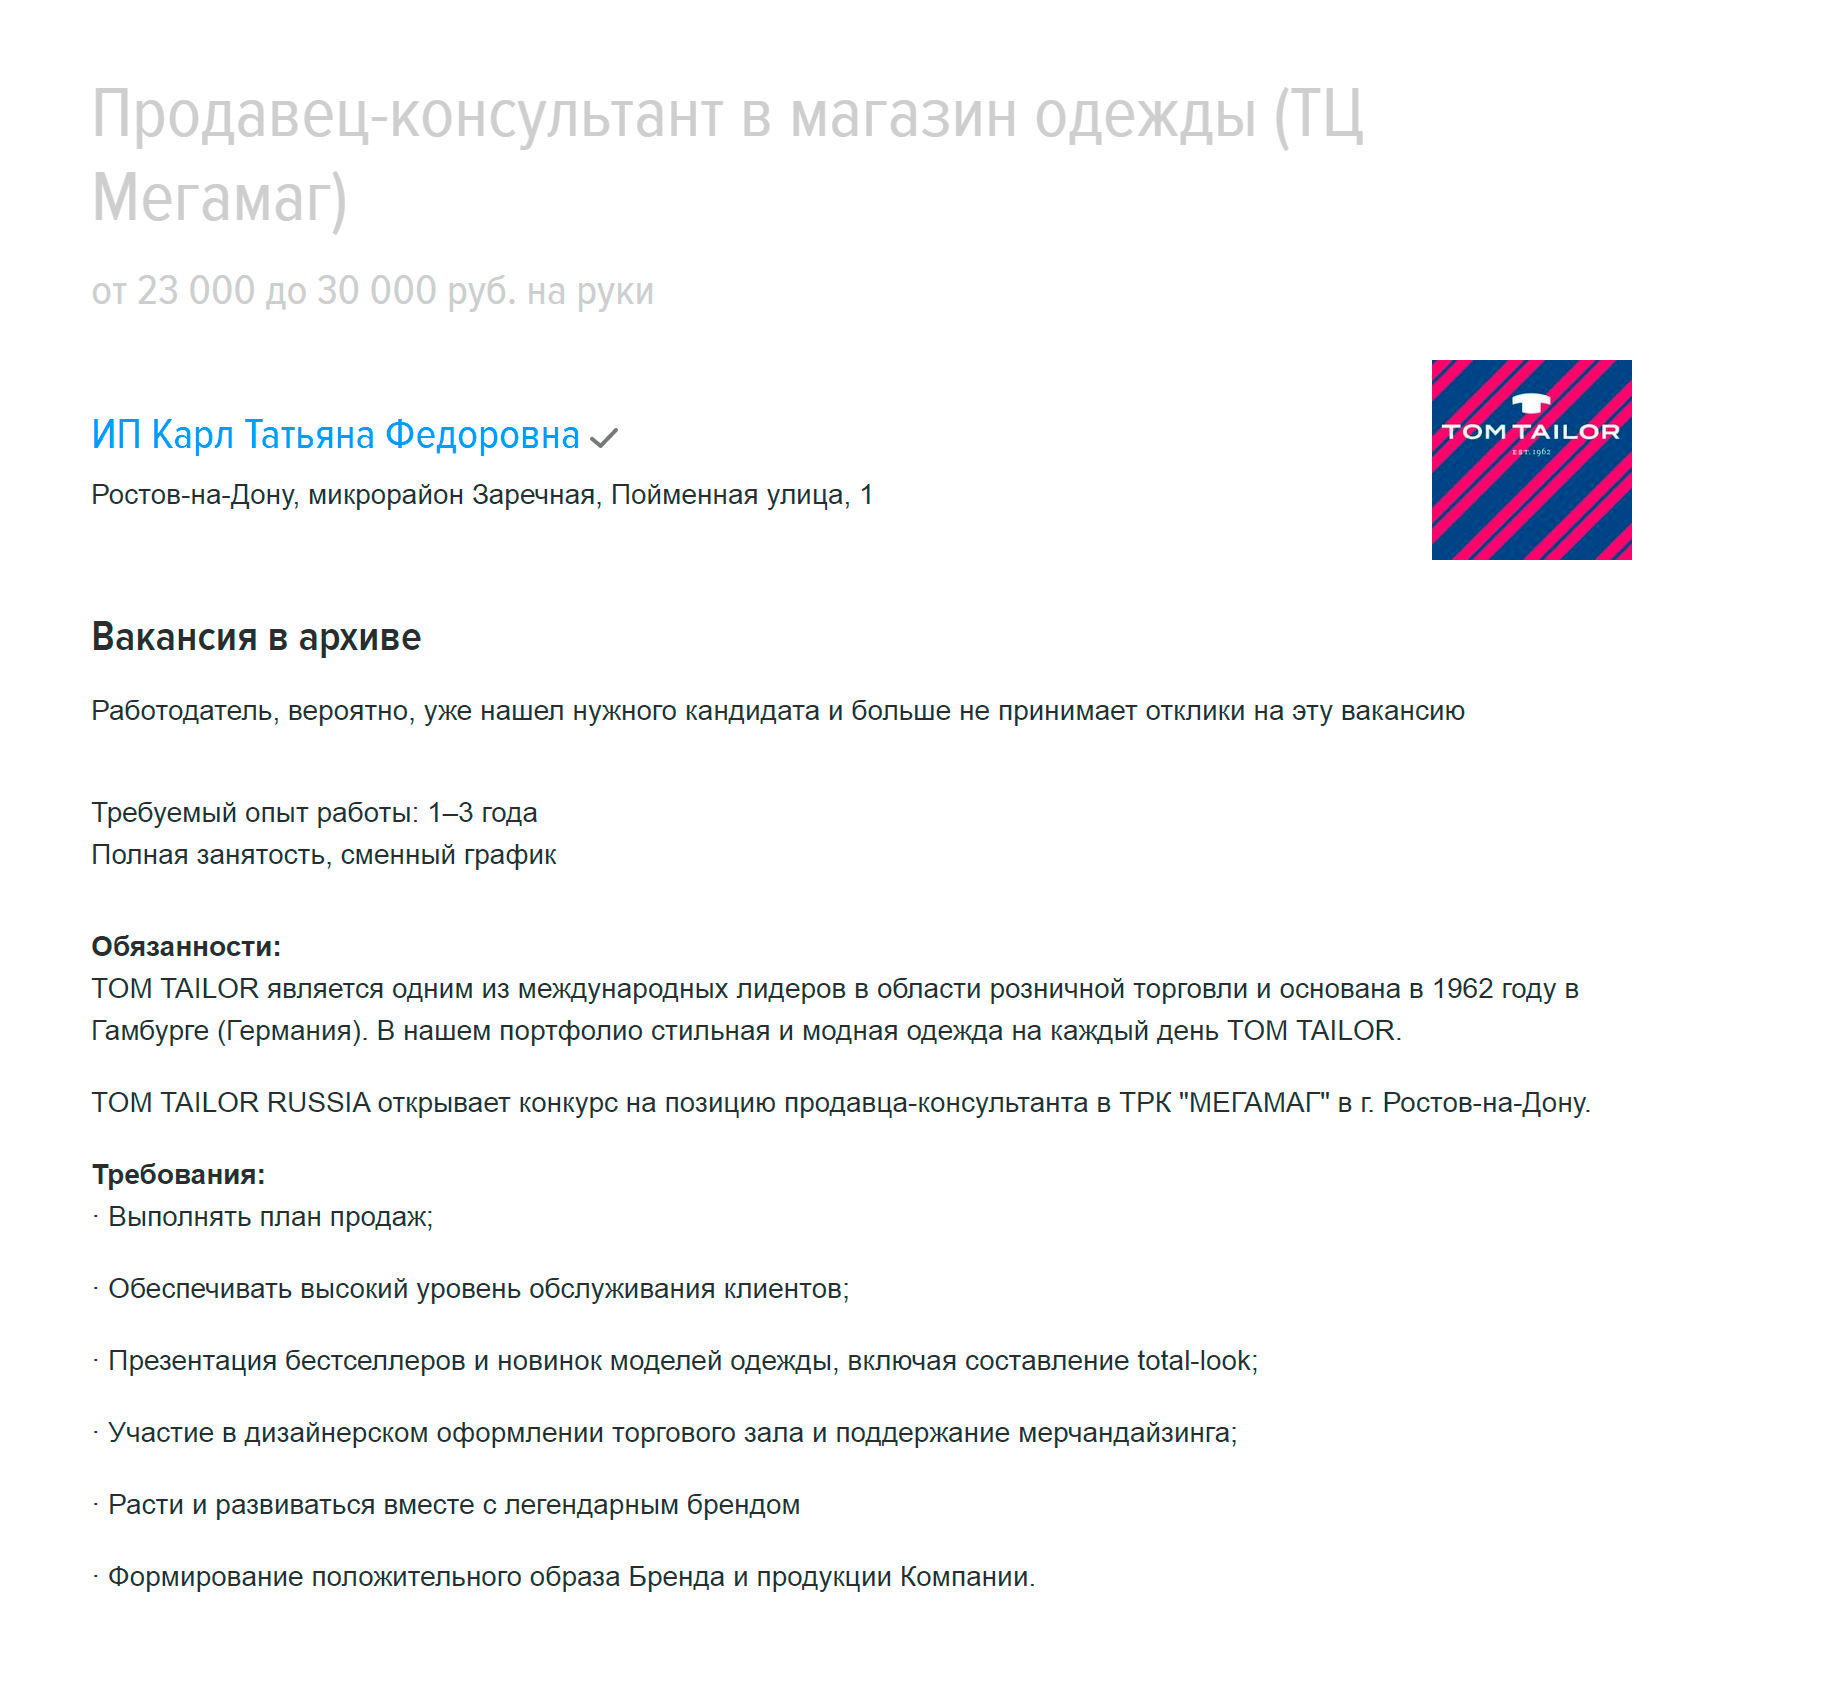 Продавцу в магазине одежды обещают платить 23 000<span class=ruble>Р</span>, а если выполнит план продаж, то 30 000<span class=ruble>Р</span>